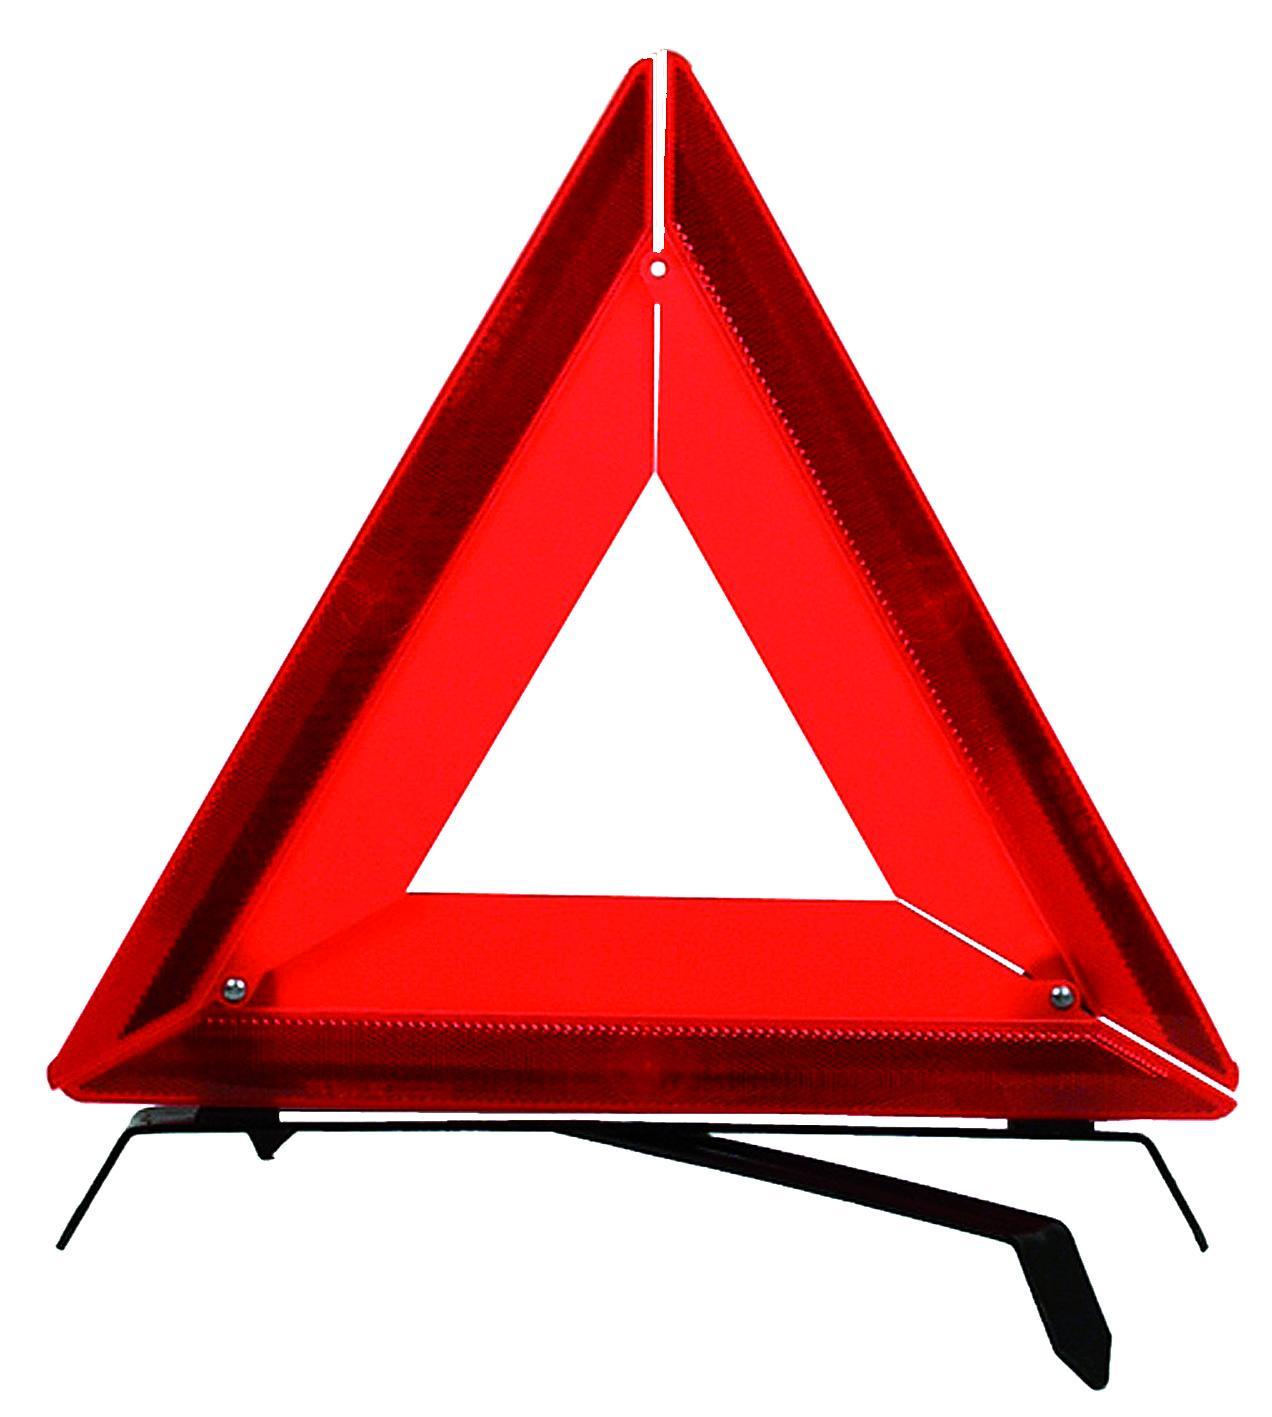 Trójkąt ostrzegawczy 453483 CARTEC 453483 oryginalnej jakości